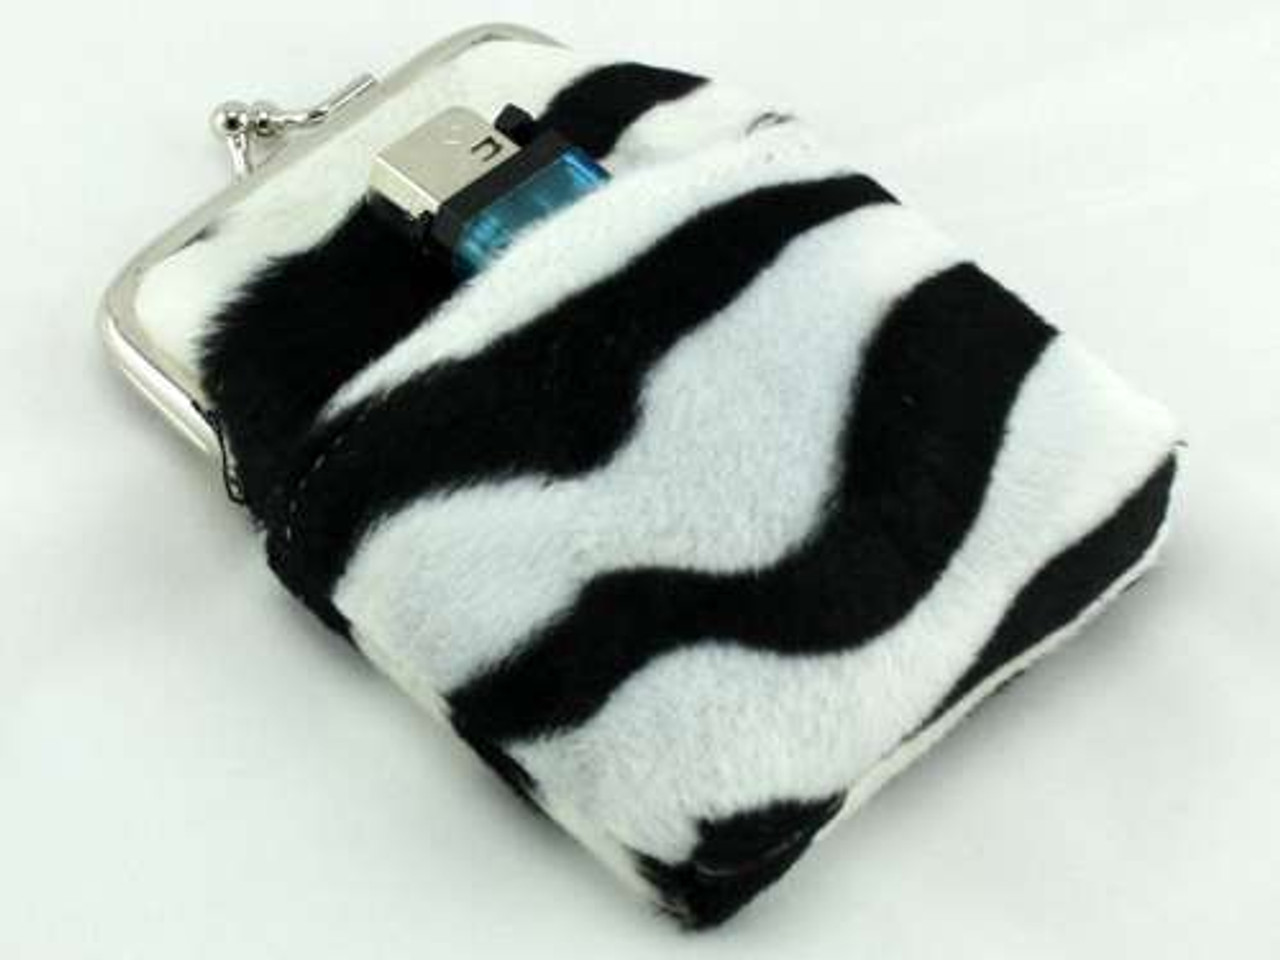 Zebra Fur Cigarette Pack Holder